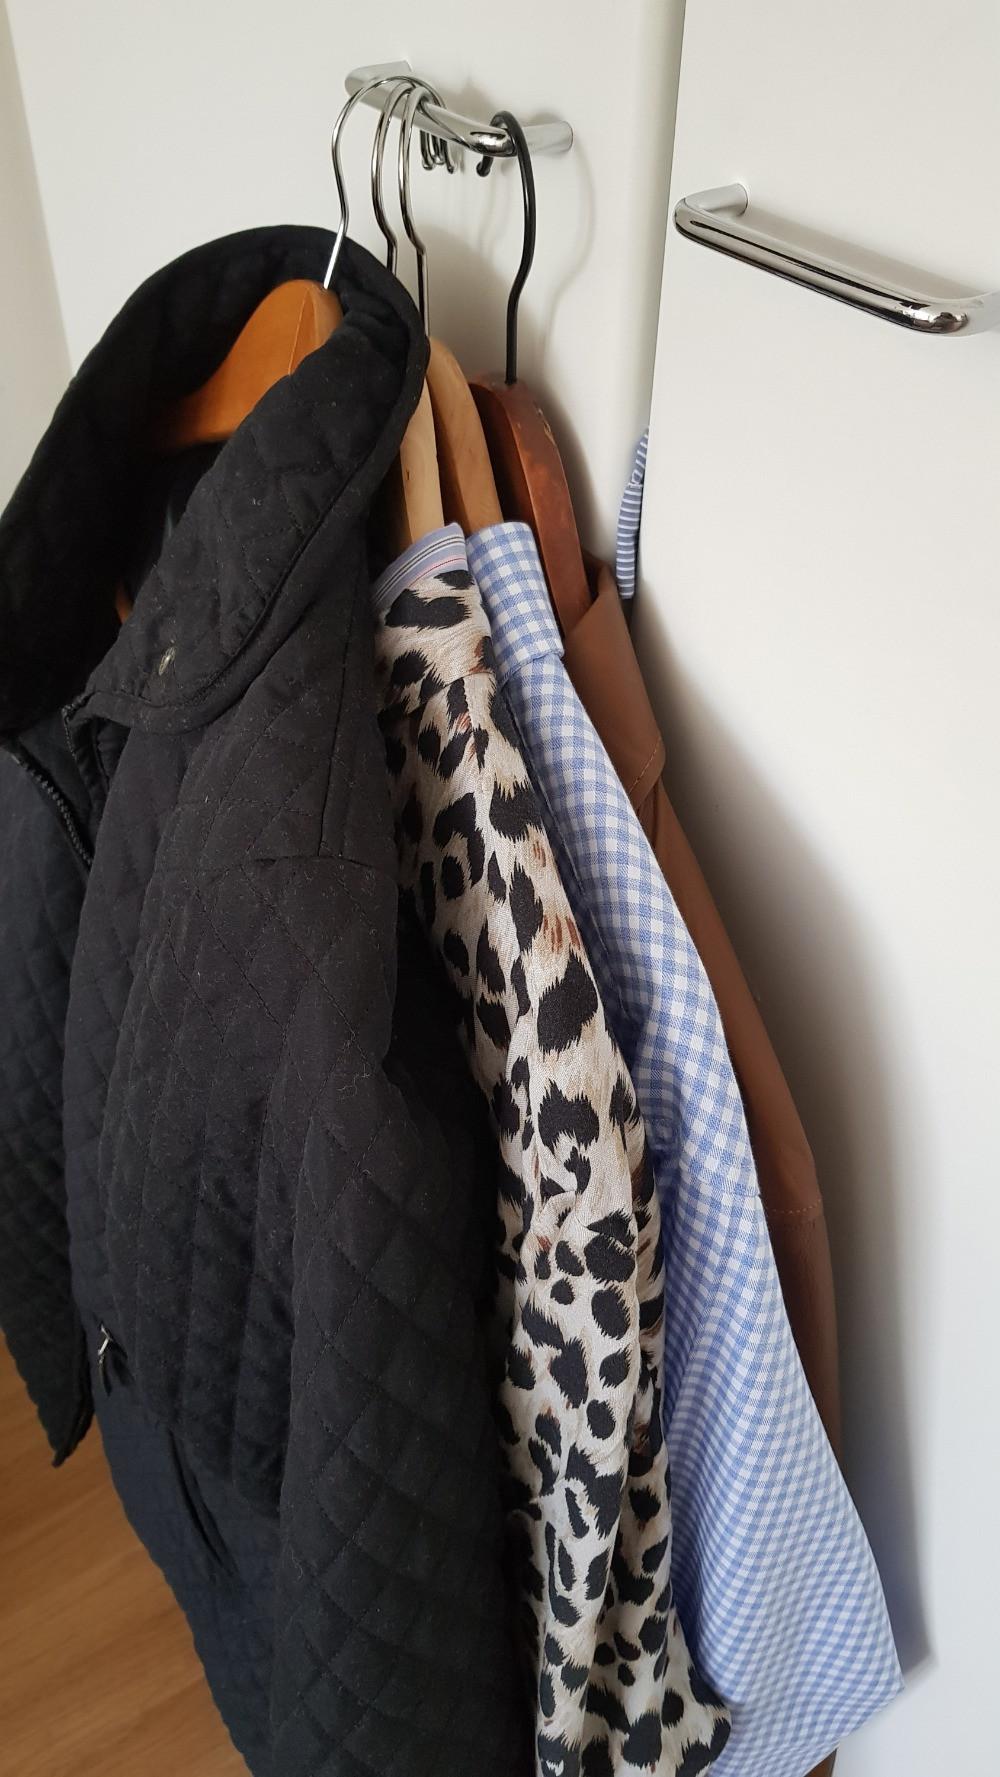 Kuvassa vaatekaapin ovenkahvassa roikkuu henkareissa musta tikkitakki, leopardikuosinen kauluspaita, sinivalkoruudullinen kauluspaita ja vaaleanruskea nahkakauluspaita.